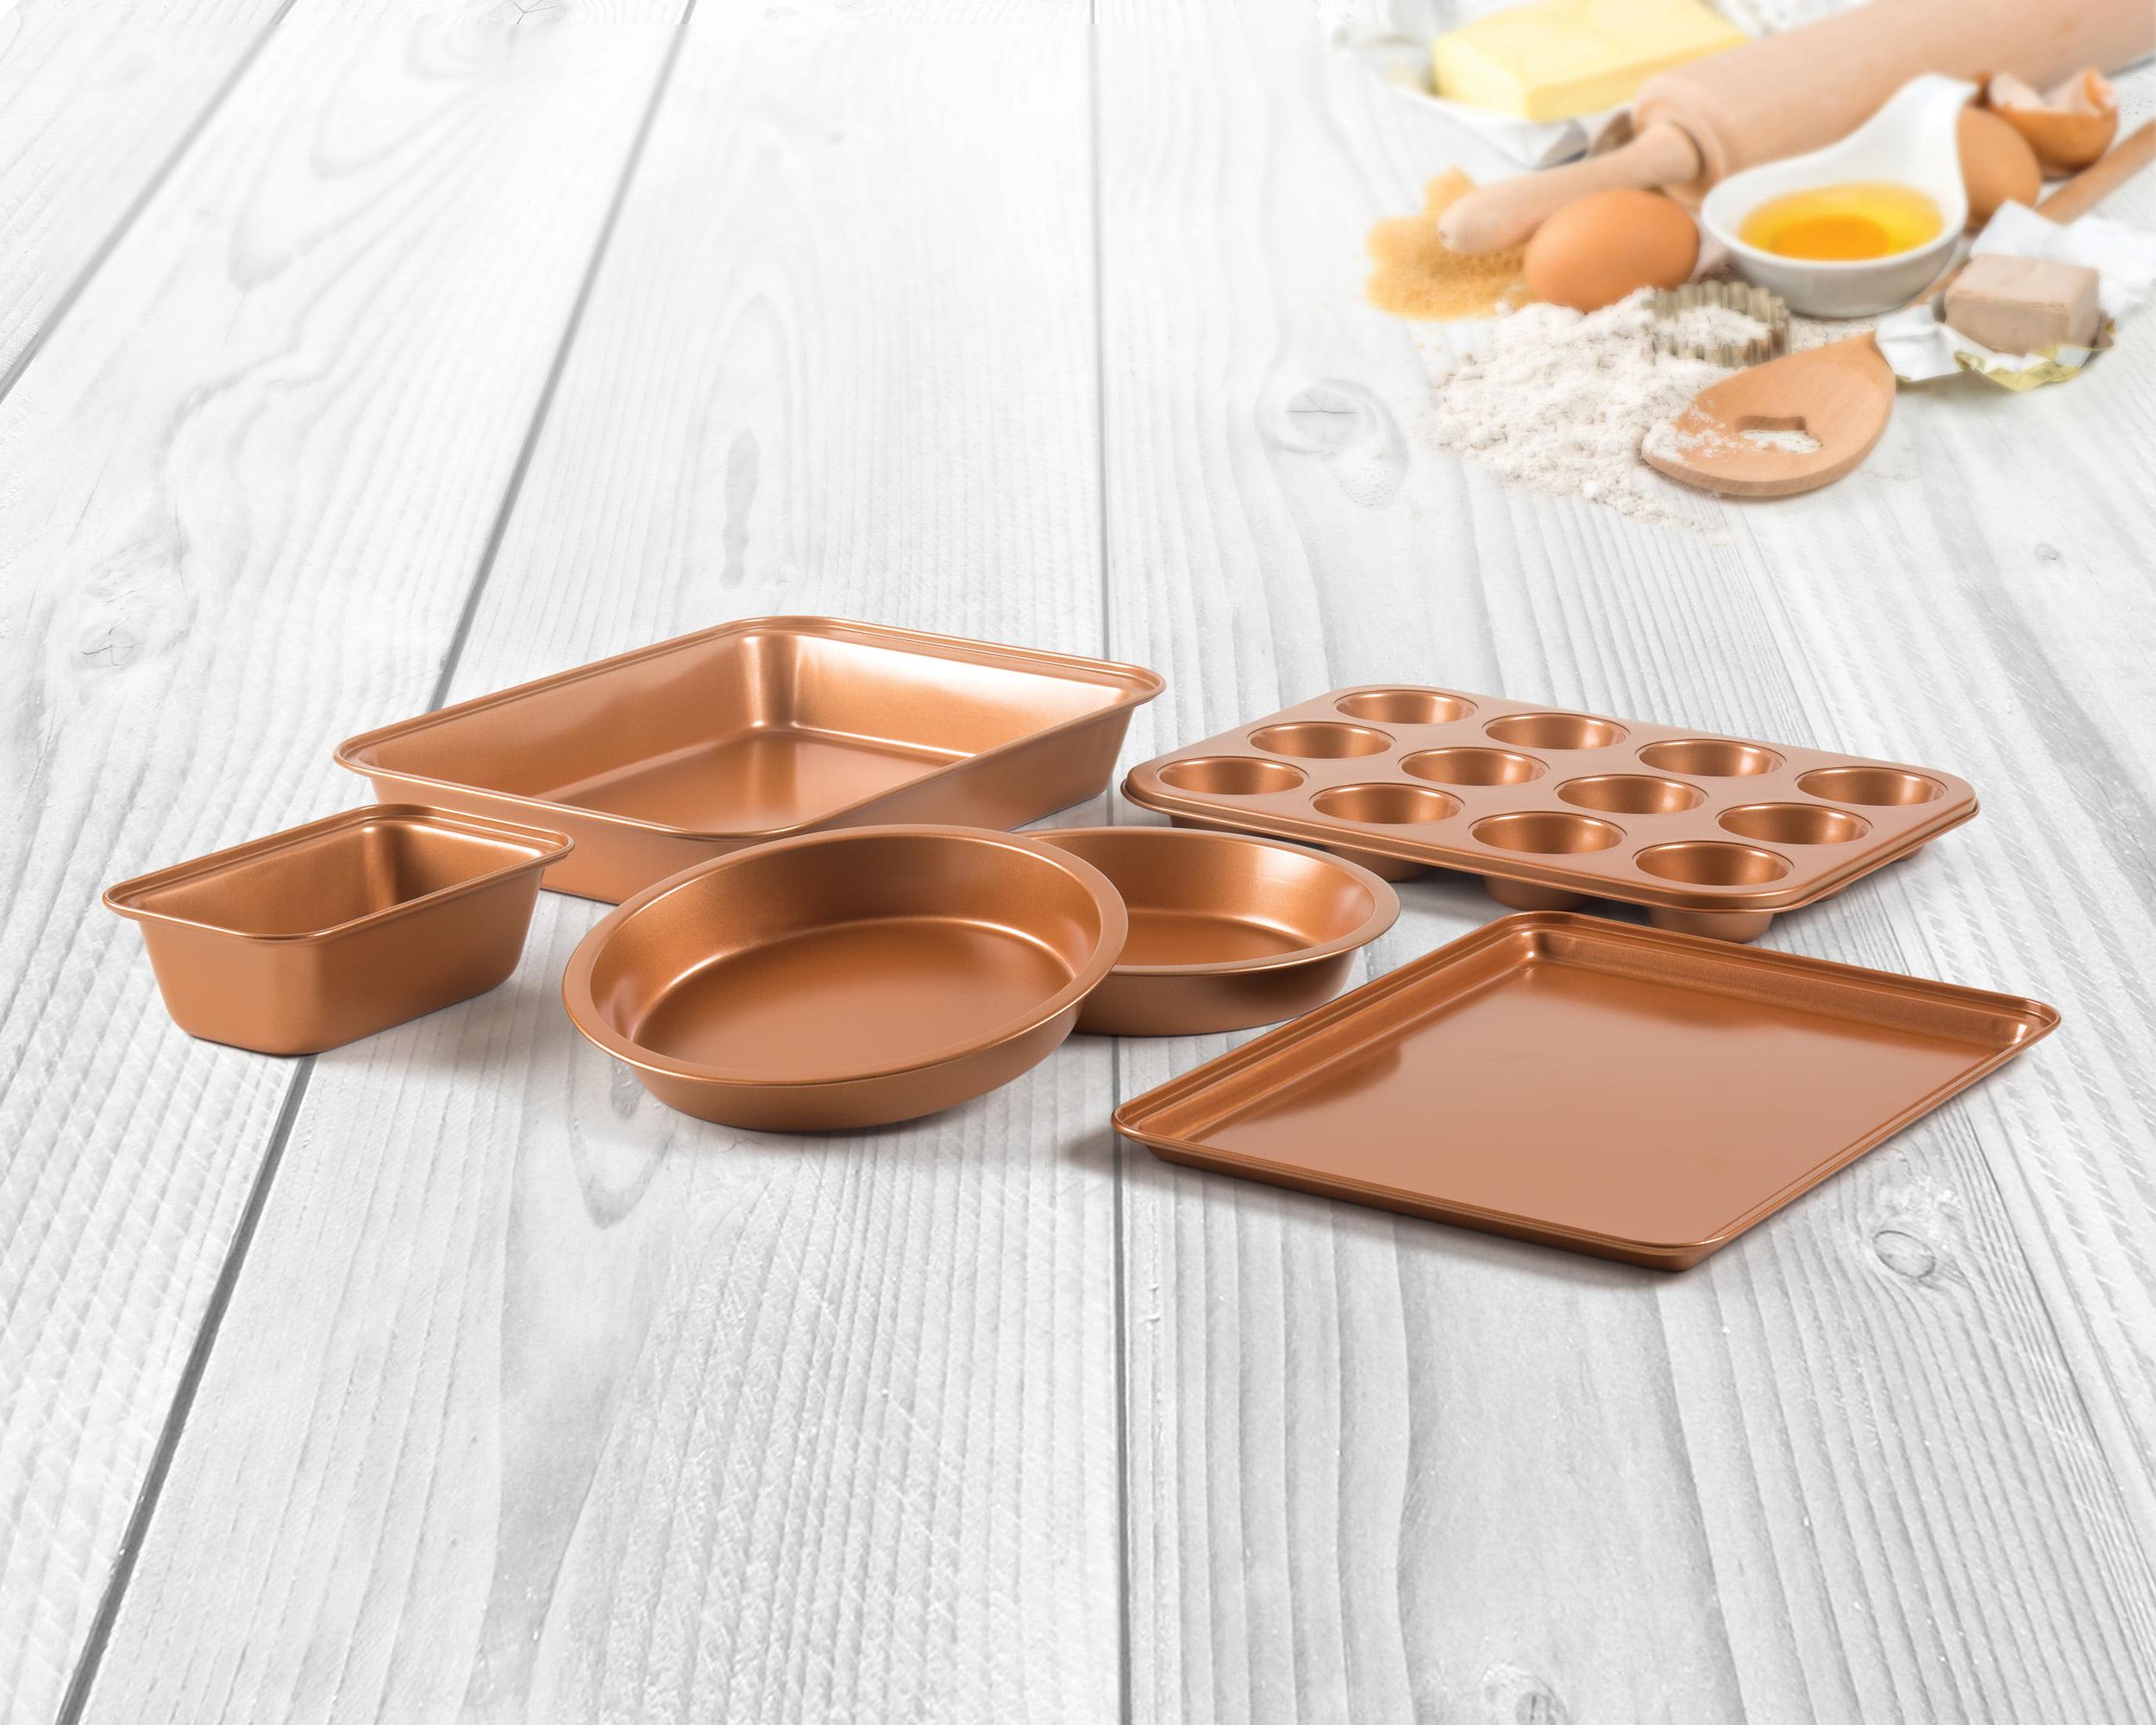 6 Piece Non Stick Copper Bakeware Set by Innova